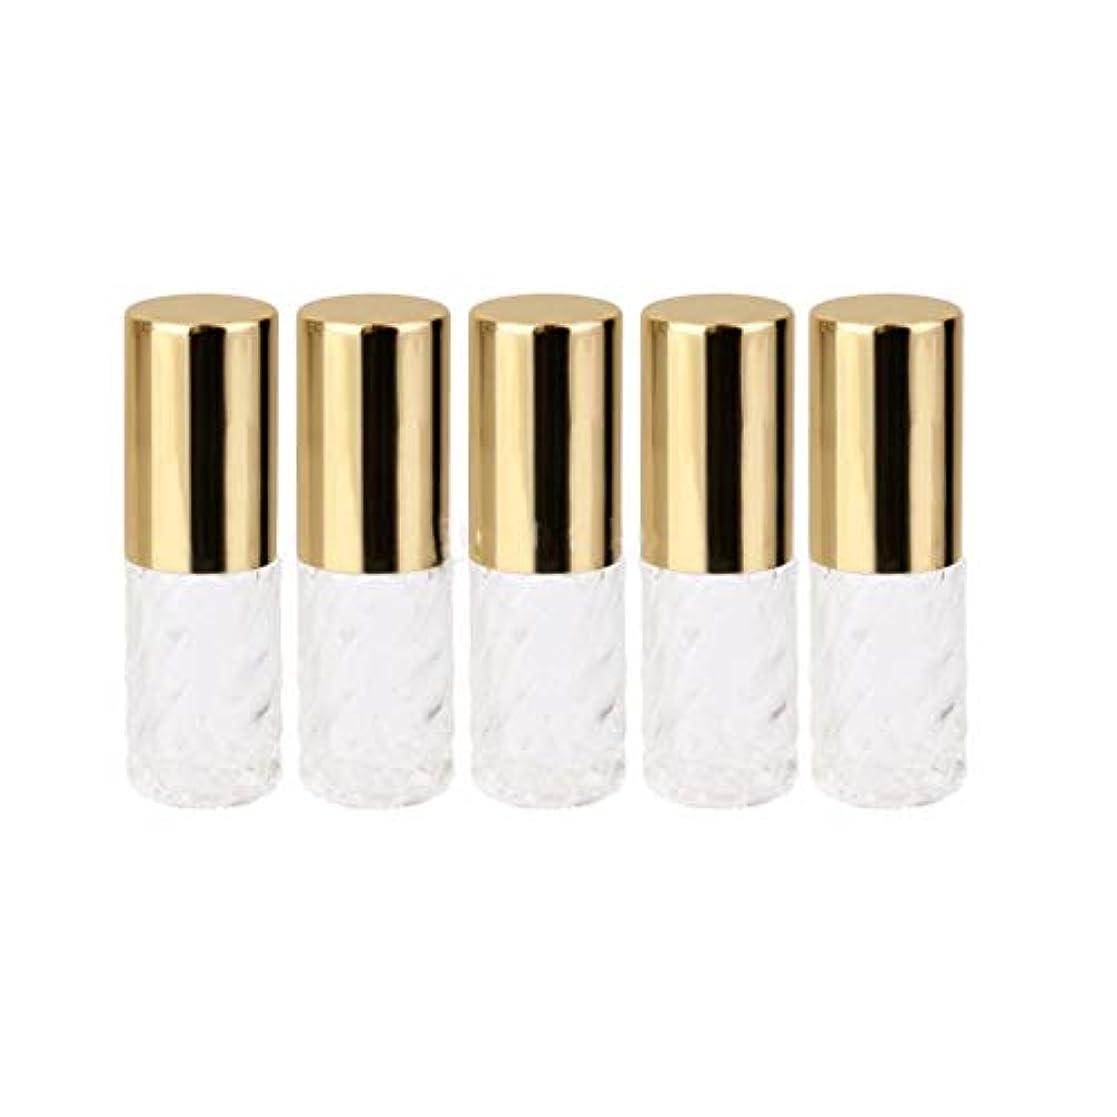 パトワ対抗提出する5ピース   5ml ガラスローラーボトル 透明な交換旅行 空のロールオン ガラス香水瓶